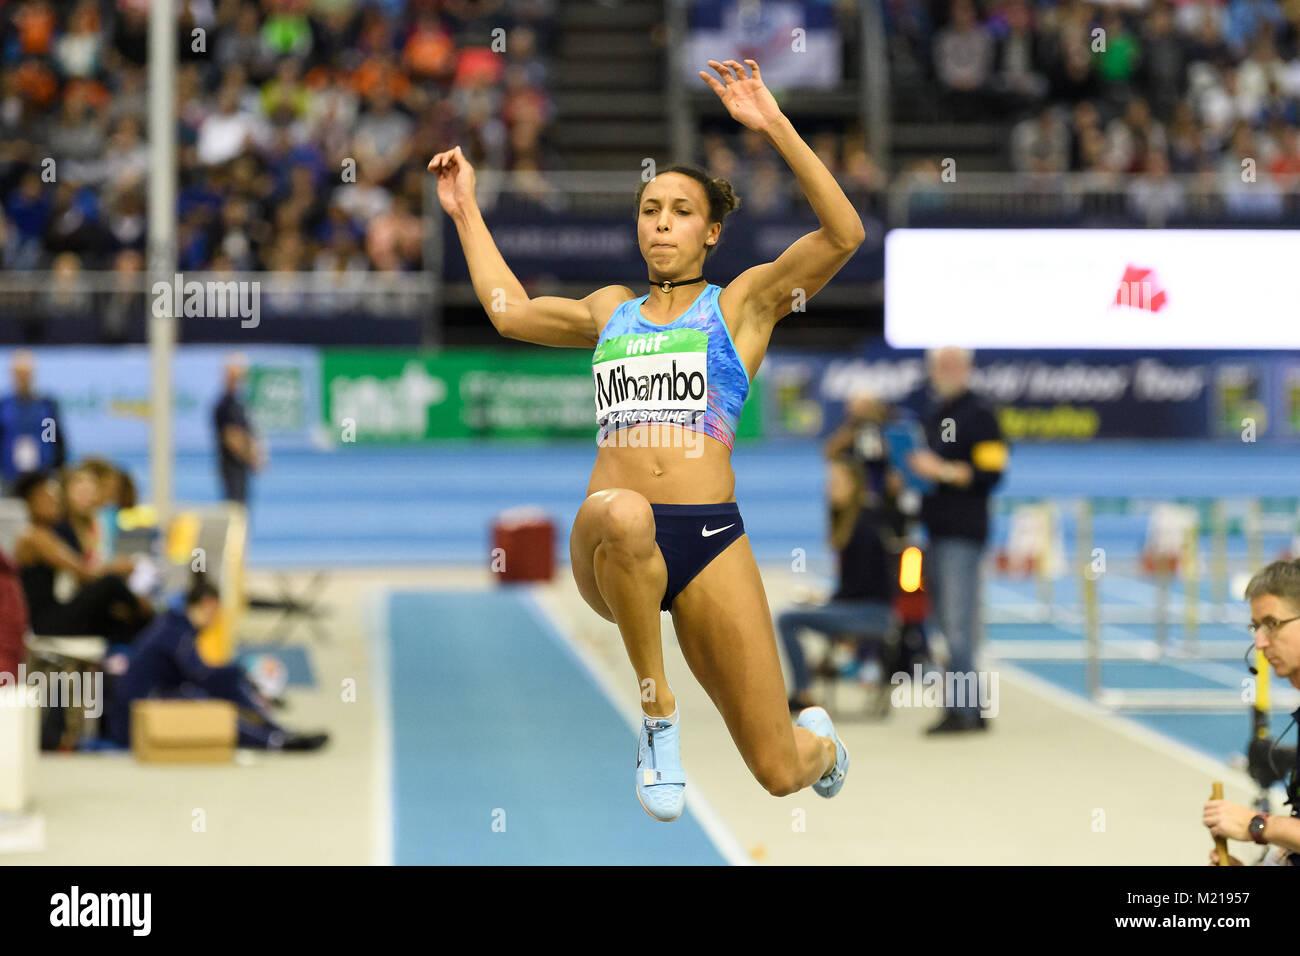 Karlsruhe, Deutschland. 03rd Feb, 2018. Weitsprung Frauen: Sieger, Gewinner Makaika Mihambo (GER). GES/ Leichtathletik/ - Stock Image